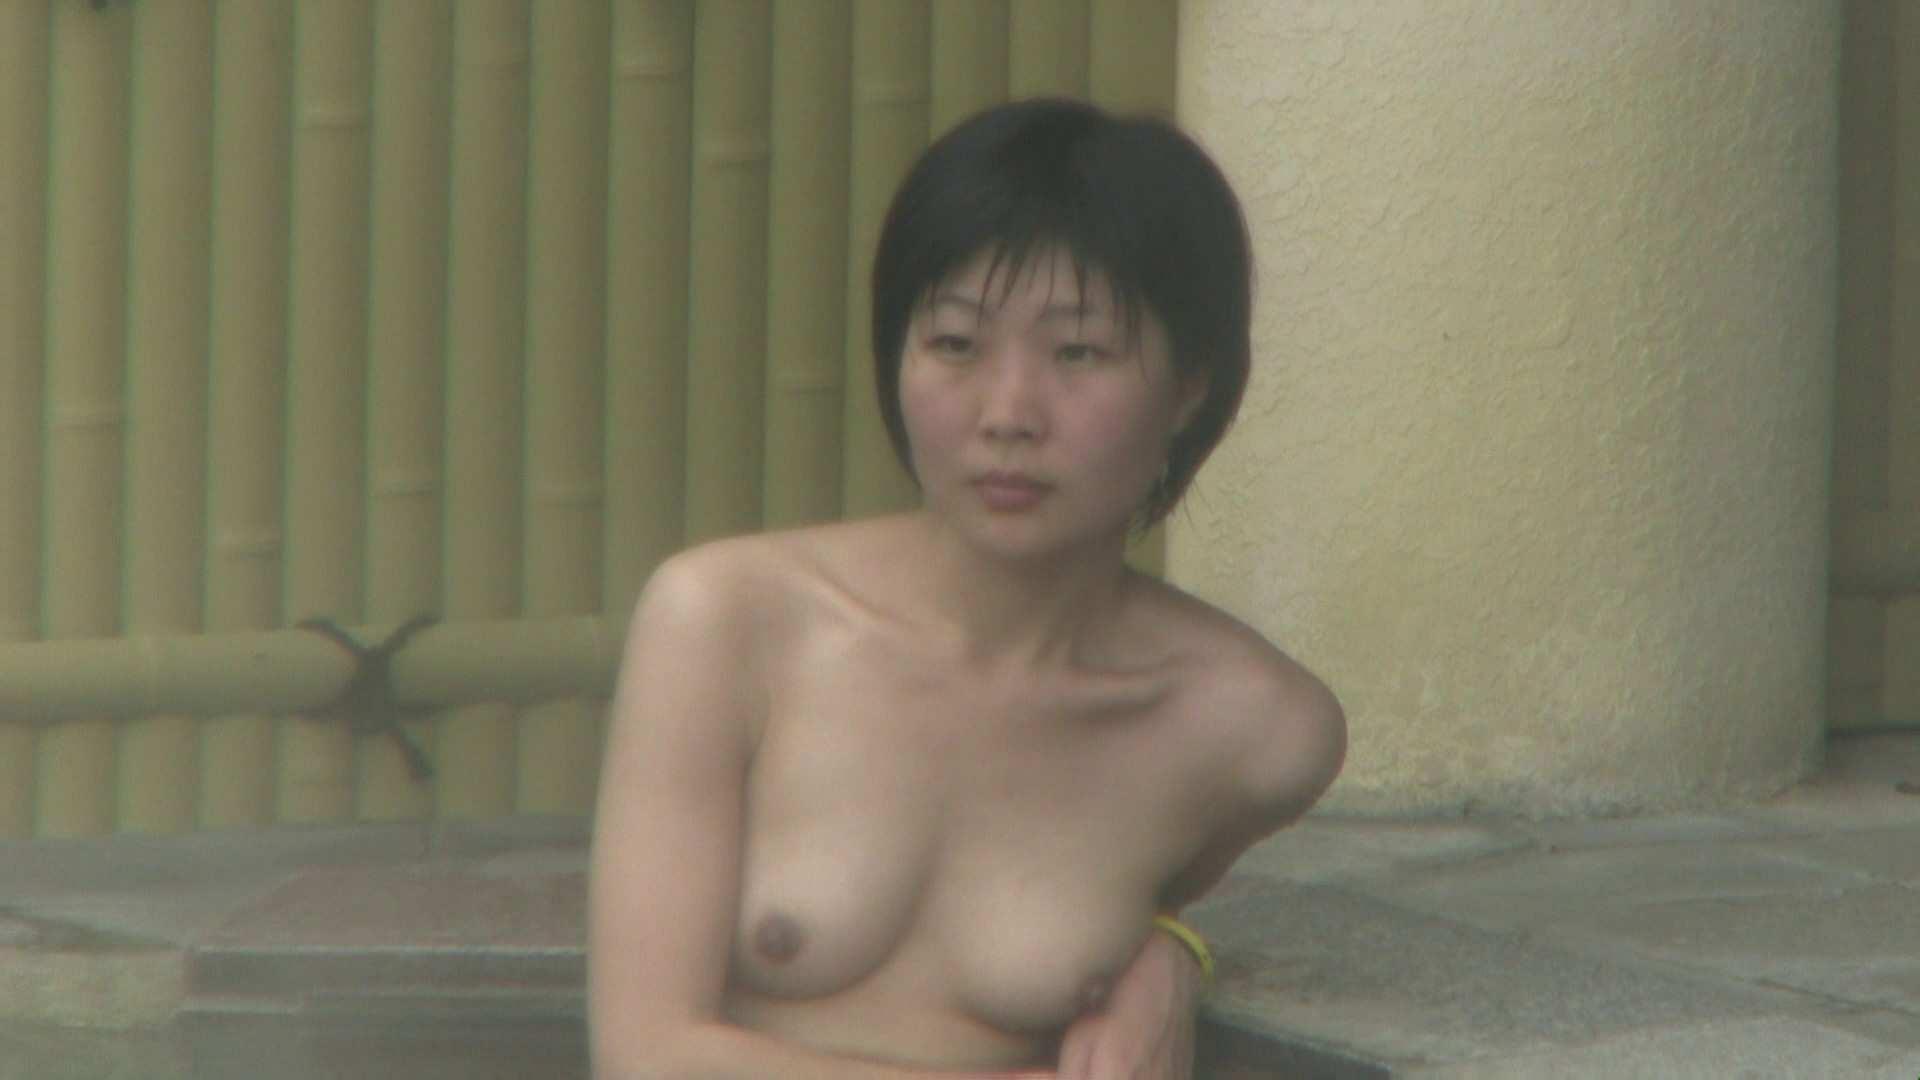 Aquaな露天風呂Vol.75【VIP限定】 美しいOLの裸体  107pic 81